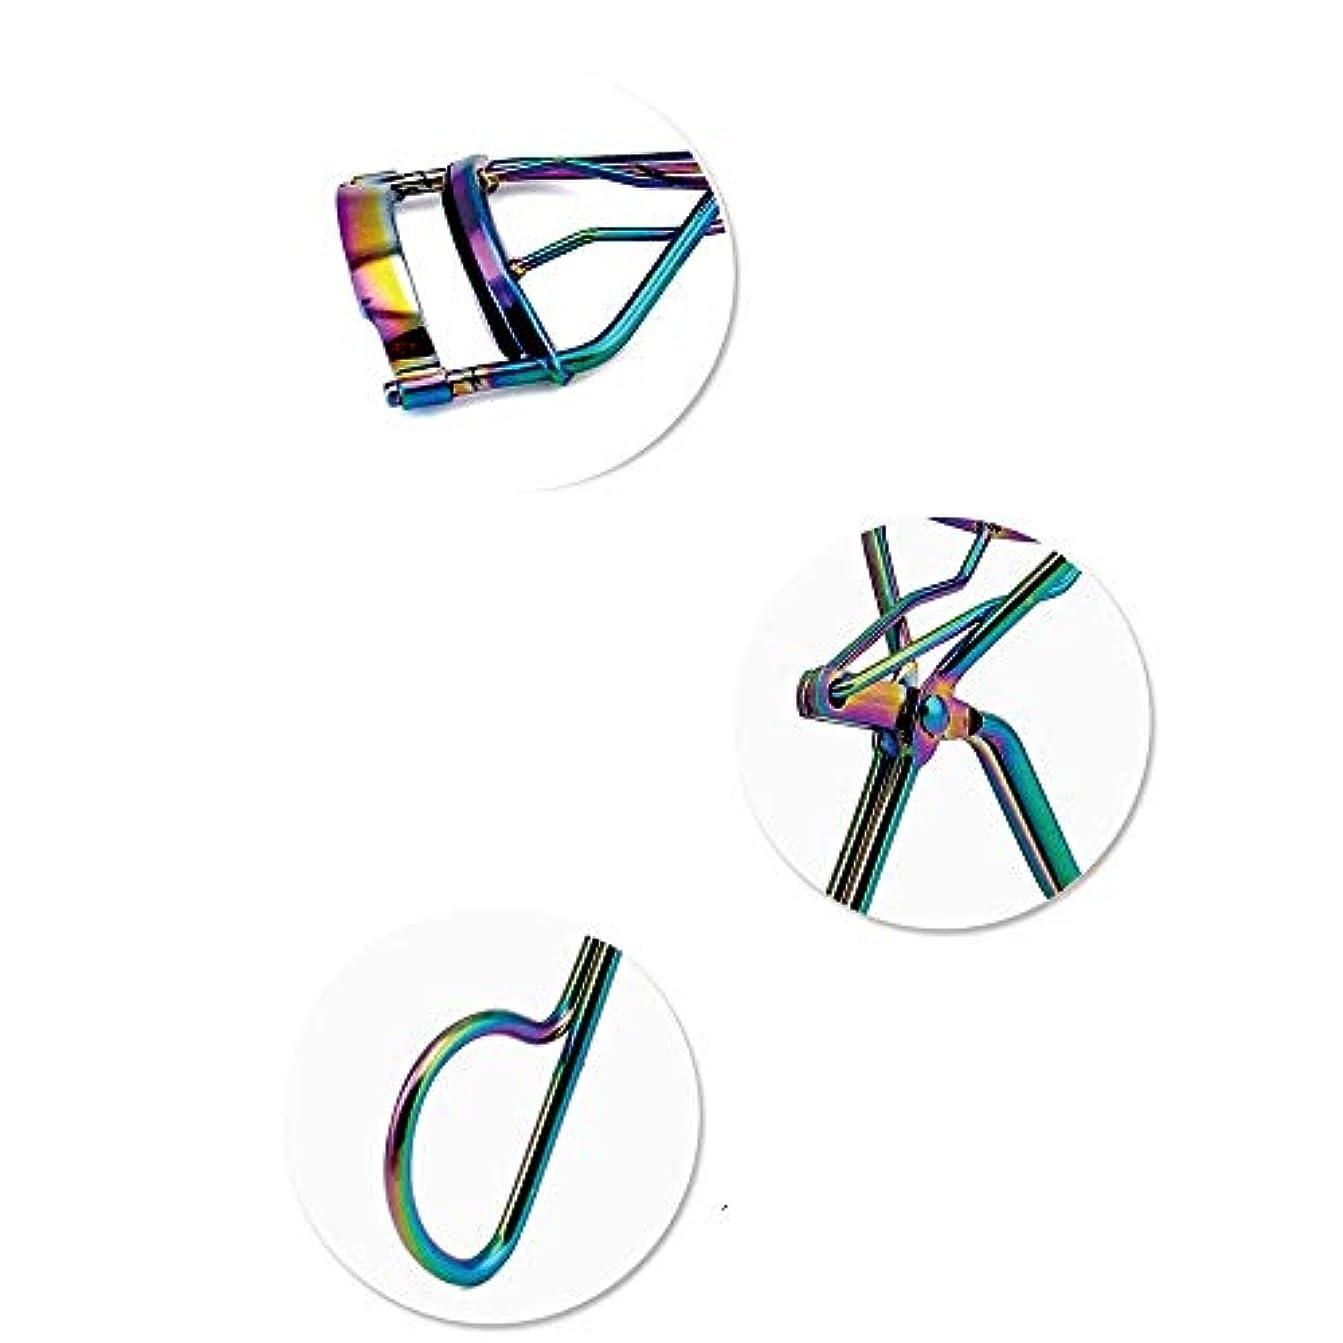 衝撃バーベキューアナニバープロフェッショナルハンドルアイカーリングまつげカーラークリップ美容メイクツール新機能